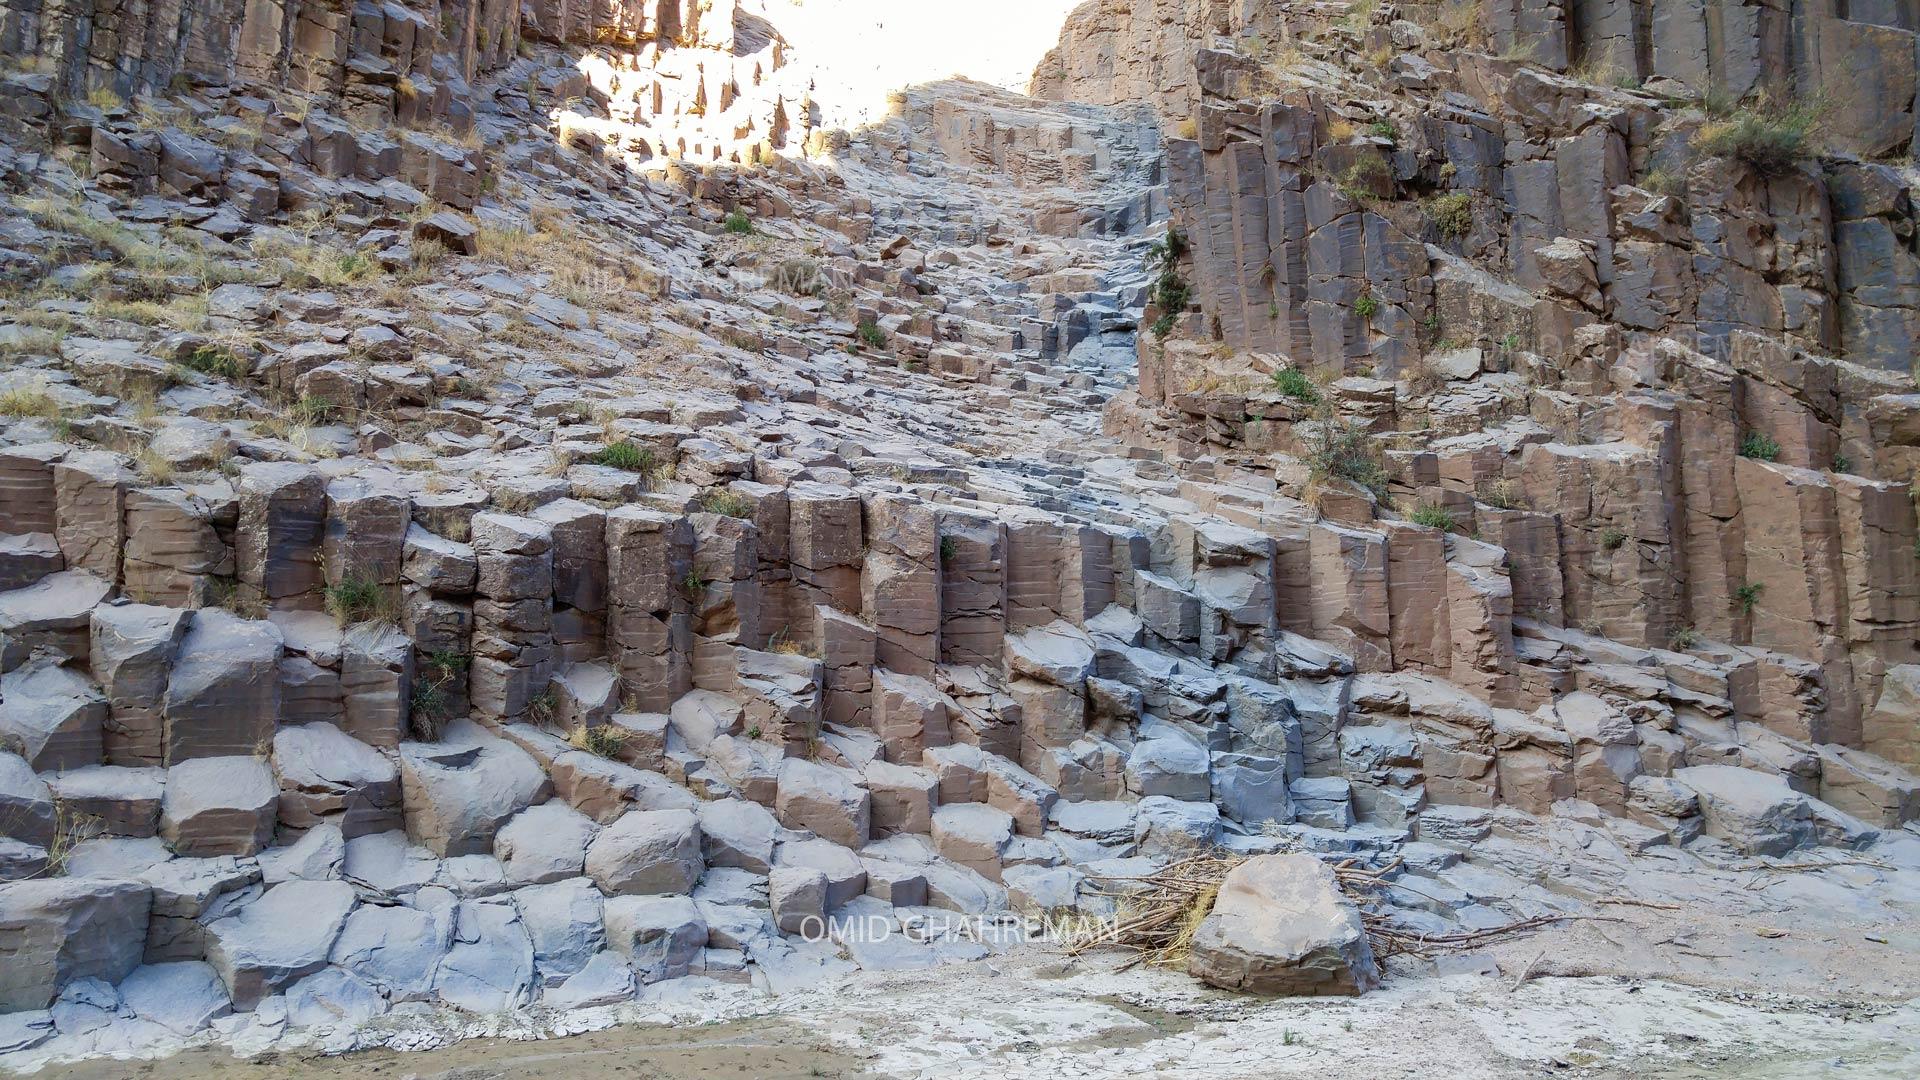 ساختار پله کانی و منشور های شش ضلعی پهن در مسیر Basaltic charters of the maku